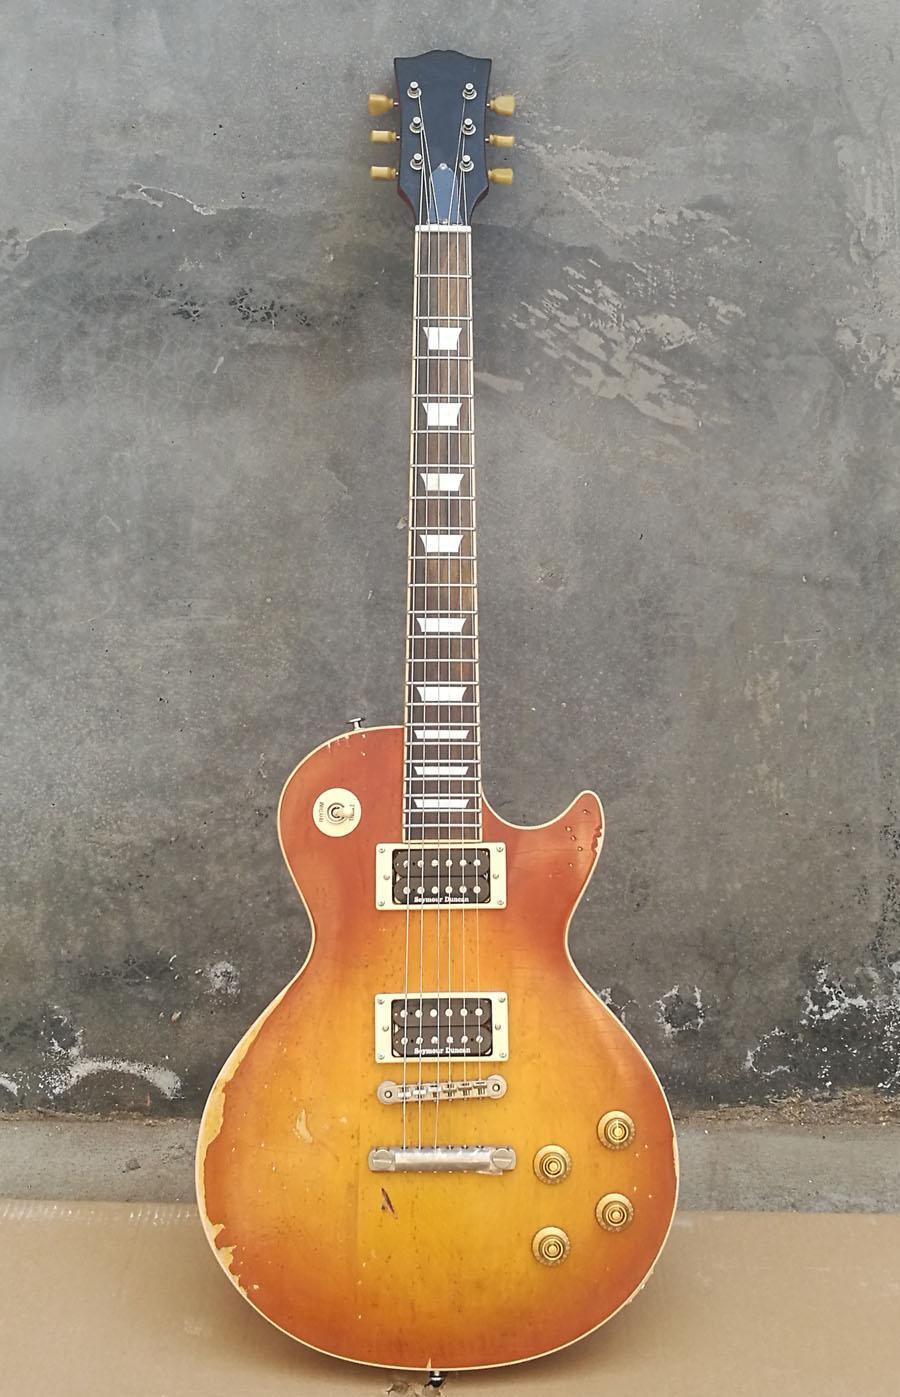 Aged качества электрогитара твердый Plain кленовый крышка гитара перламутровой инкрустации, Slash Aged